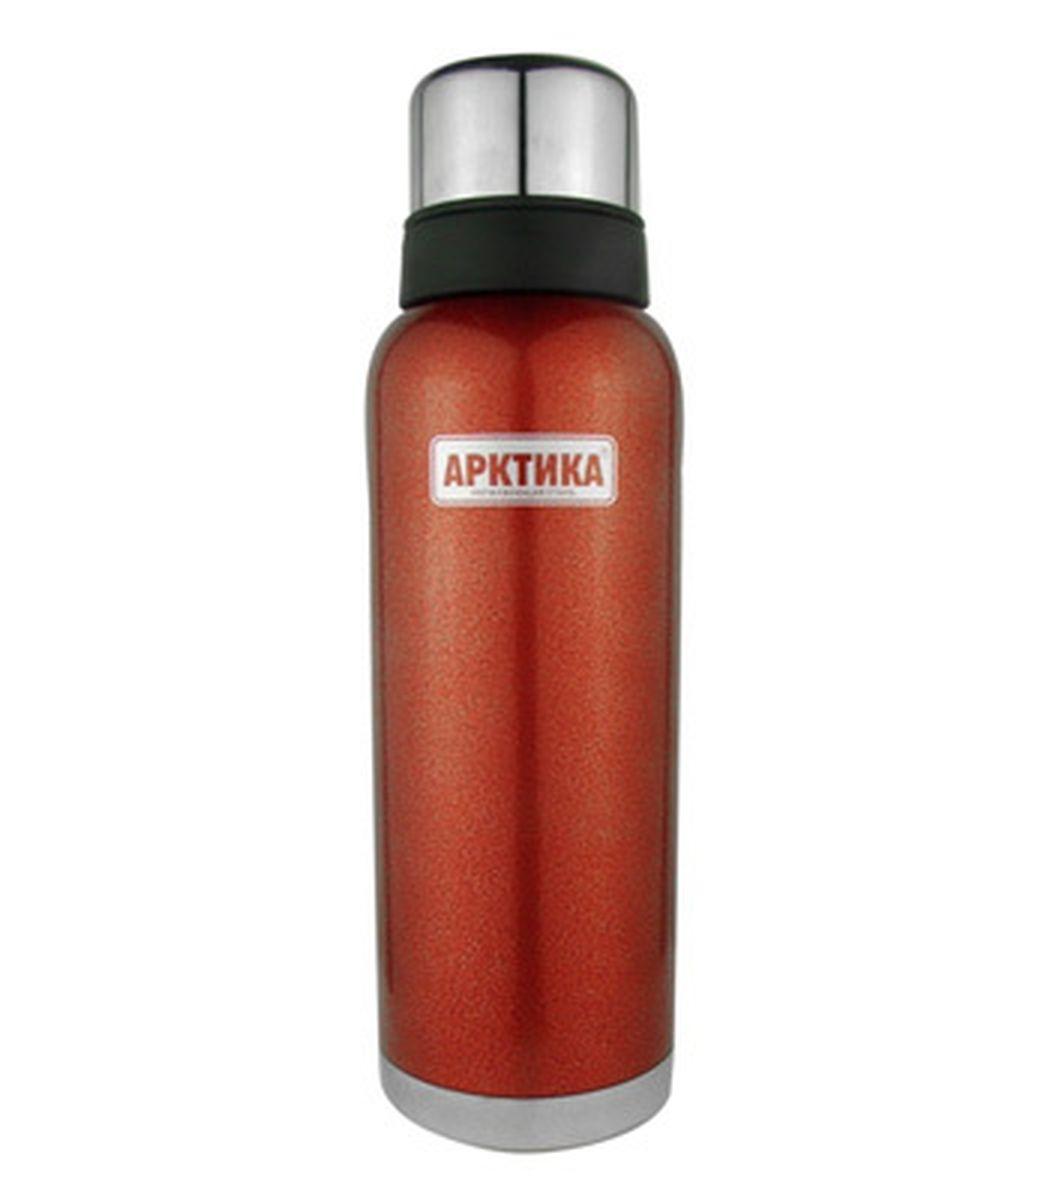 Термос Арктика, с чашей, цвет: красный, стальной, черный, 1,2 л106-1200_красный, стальной, черныйТермос Арктика изготовлен из высококачественной нержавеющей стали с матовой полировкой. Двойная колба из нержавеющей стали сохраняет напитки горячими и холодными до 32 часов. В комплекте дополнительная пластиковая чашка.Удобный, компактный и практичный термос пригодится в путешествии, походе и поездке. Не рекомендуется использовать в микроволновой печи и мыть в посудомоечной машине.Диаметр горлышка: 4,5 см. Диаметр основания термоса: 9 см. Диаметр чаши (по верхнему краю): 7,5 см.высота чаши: 6 см.Диаметр крышки (по верхнему краю): 7 см.Высота крышки: 4,5 см.Высота термоса: 31 см.Время сохранения температуры (холодной и горячей): 32 часа.